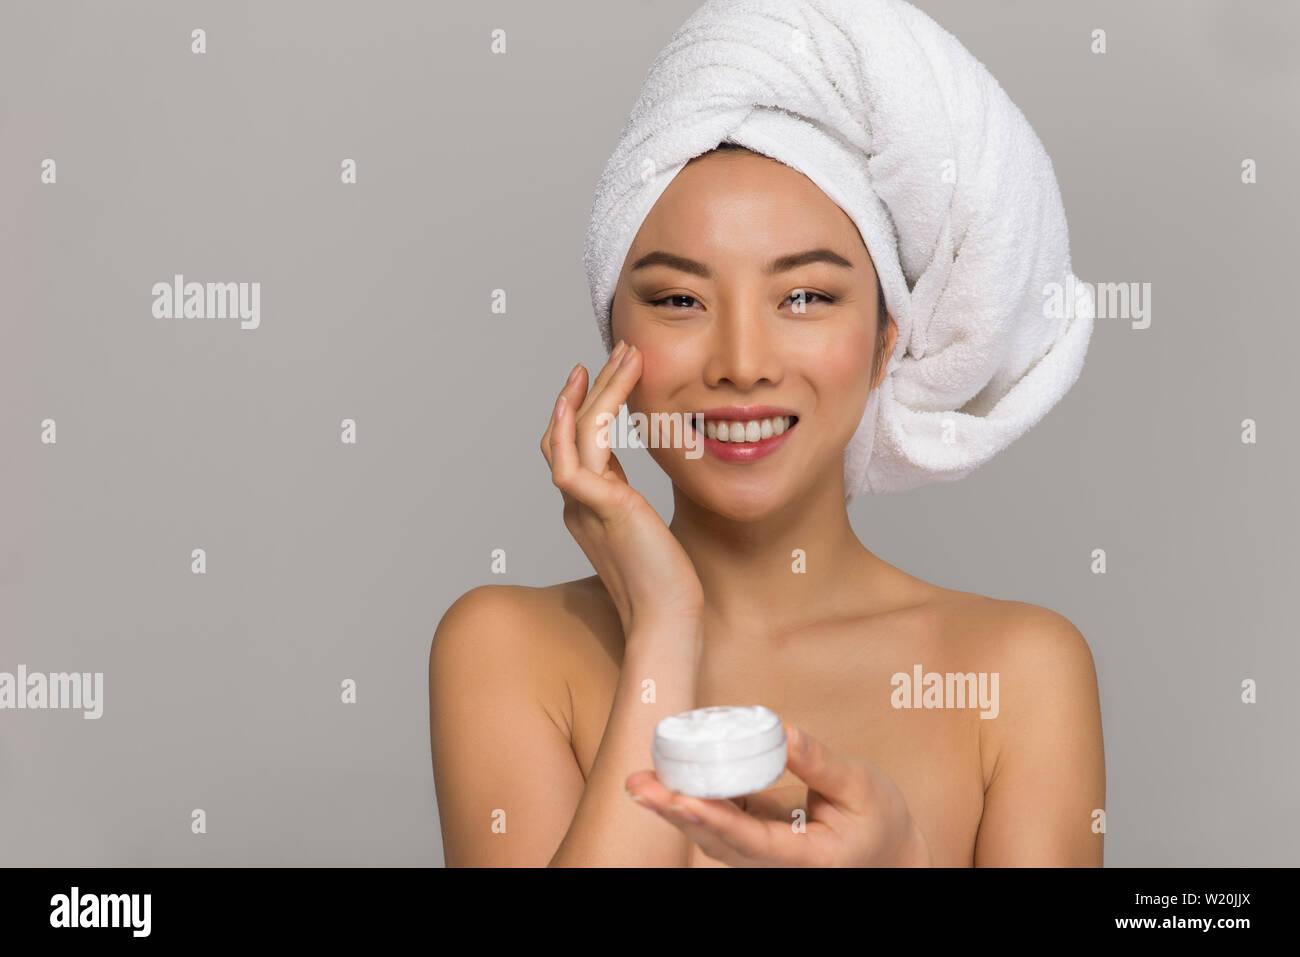 Belle asiatique beauté femme portraits. Chinese girl debout devant le miroir et prendre soin de son look. studio de beauté coups Banque D'Images